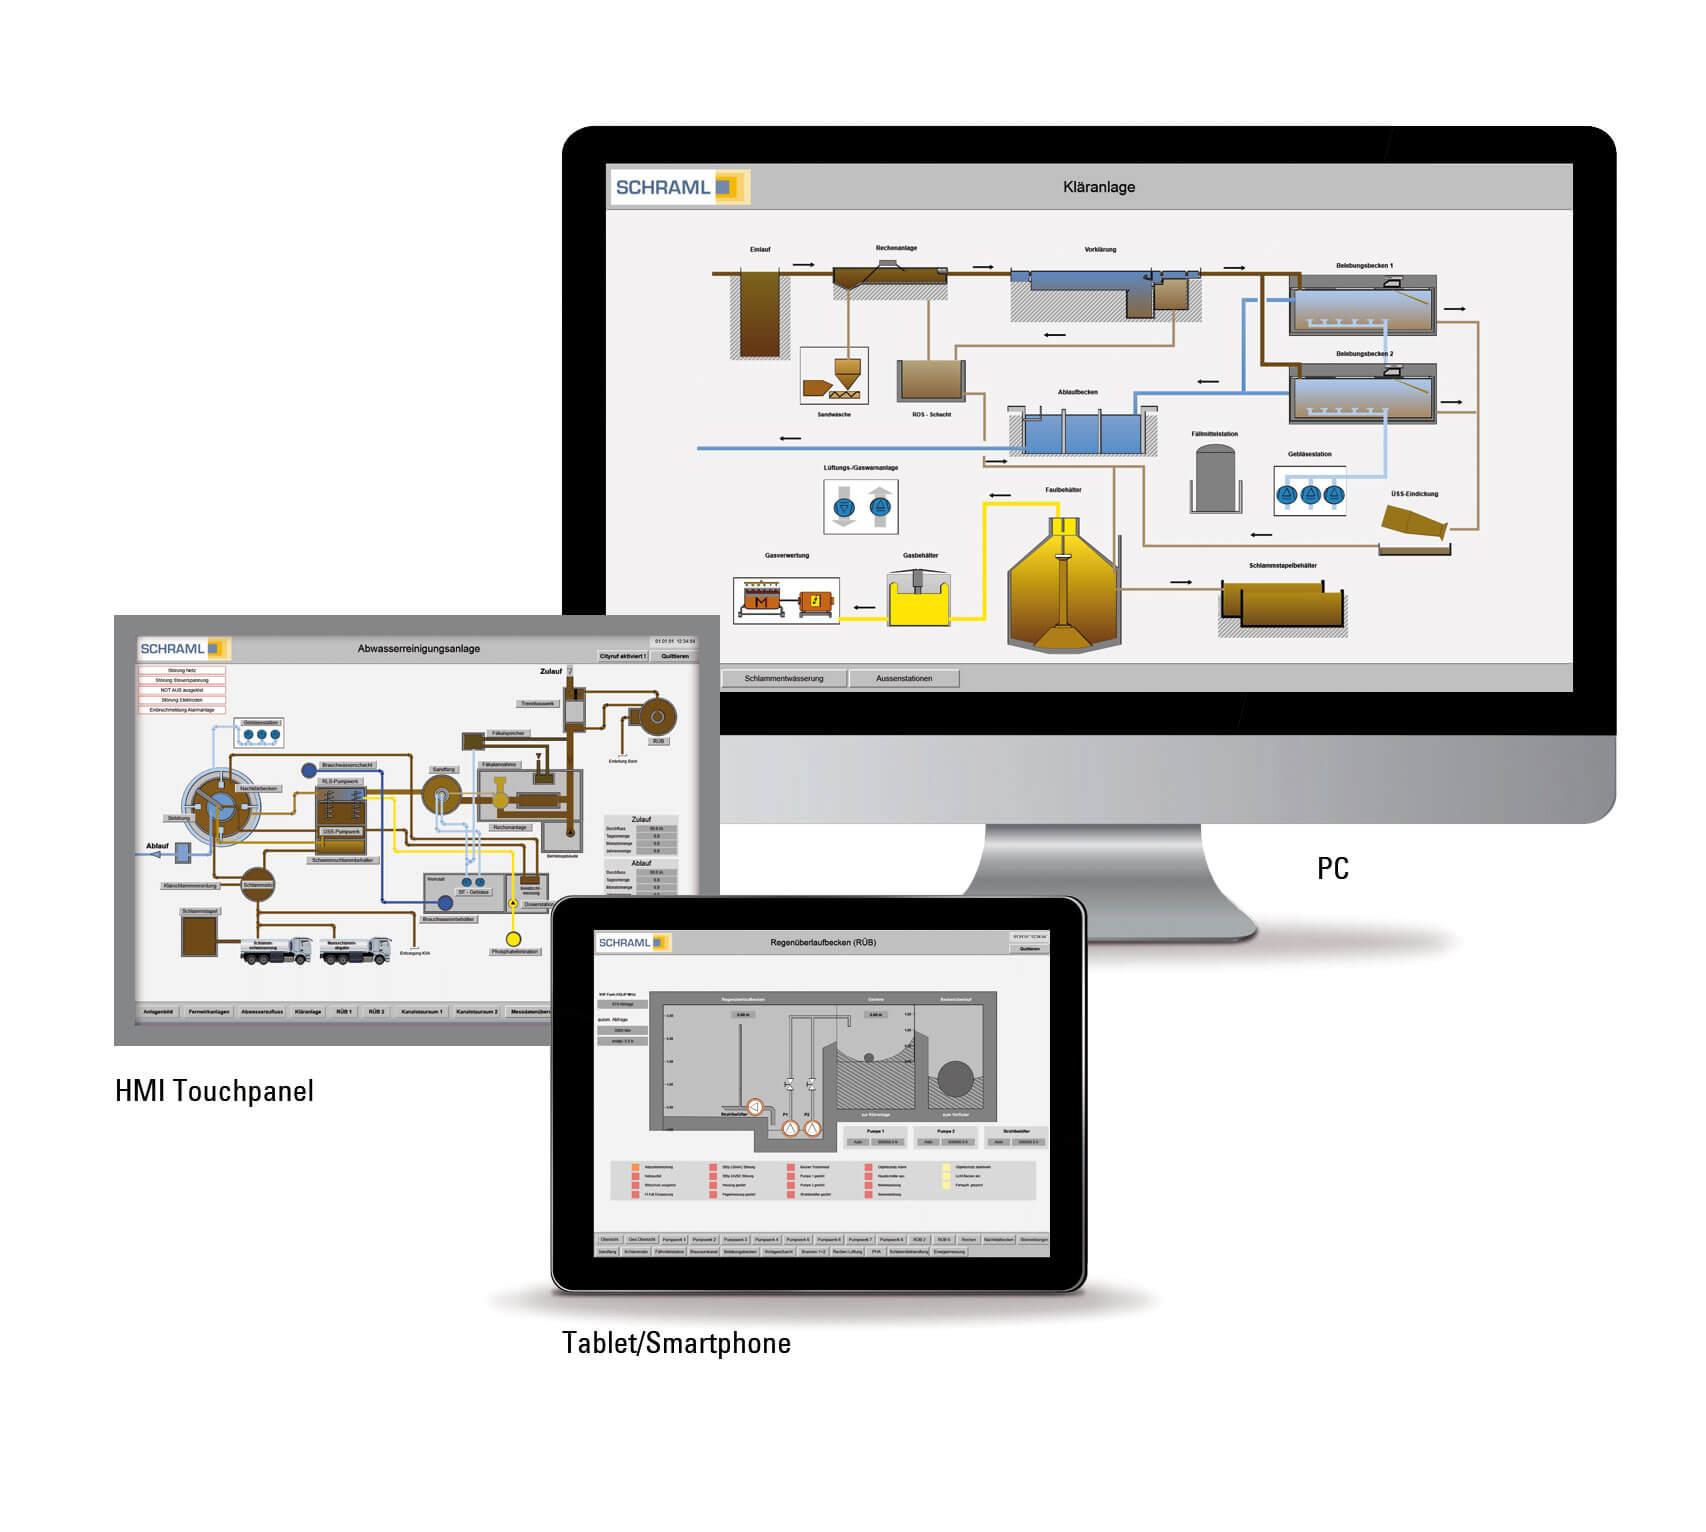 SCHRAML Prozessleitsystem auf PC HMI Touchpanel und Tablet Smartphone